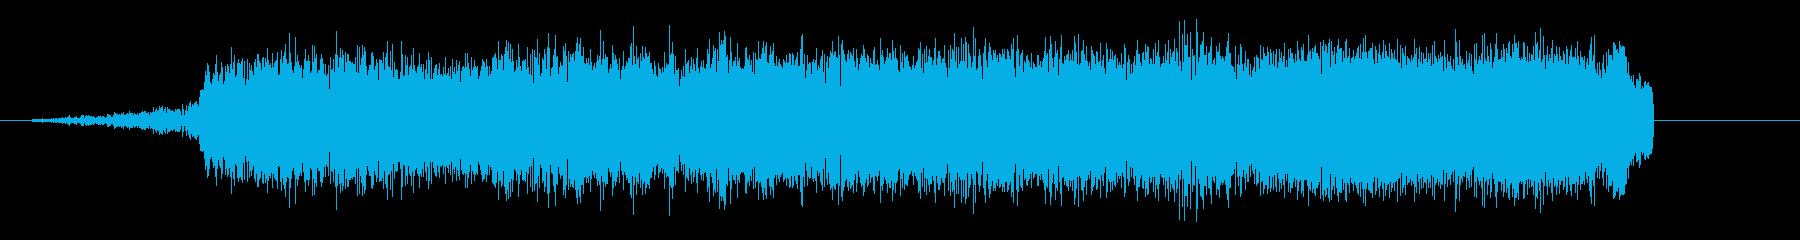 キュワワワ!(弱そうな波動攻撃)の再生済みの波形